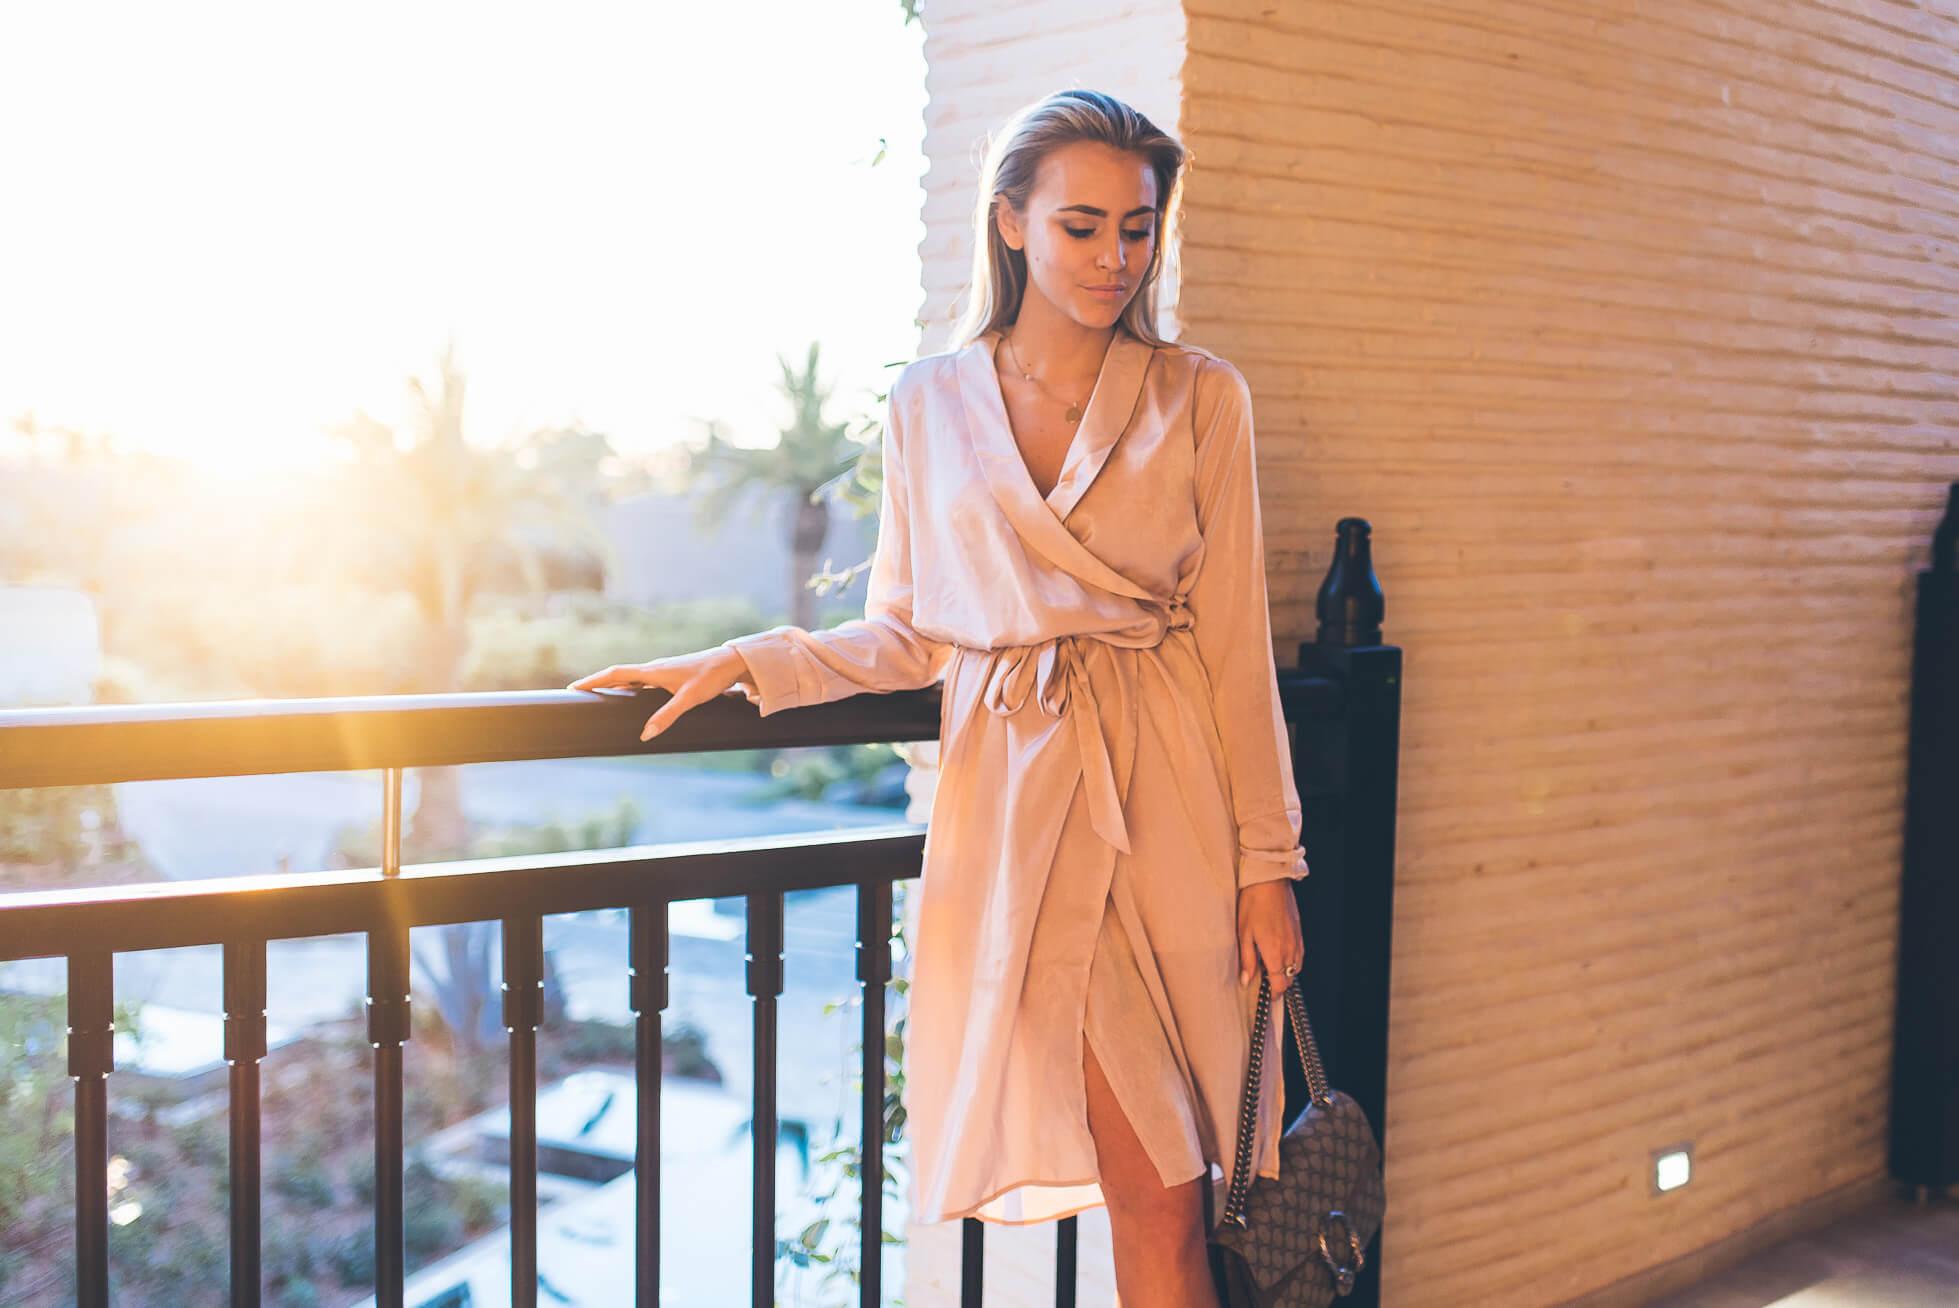 janni-deler-pink-silk-dressDSC_9600